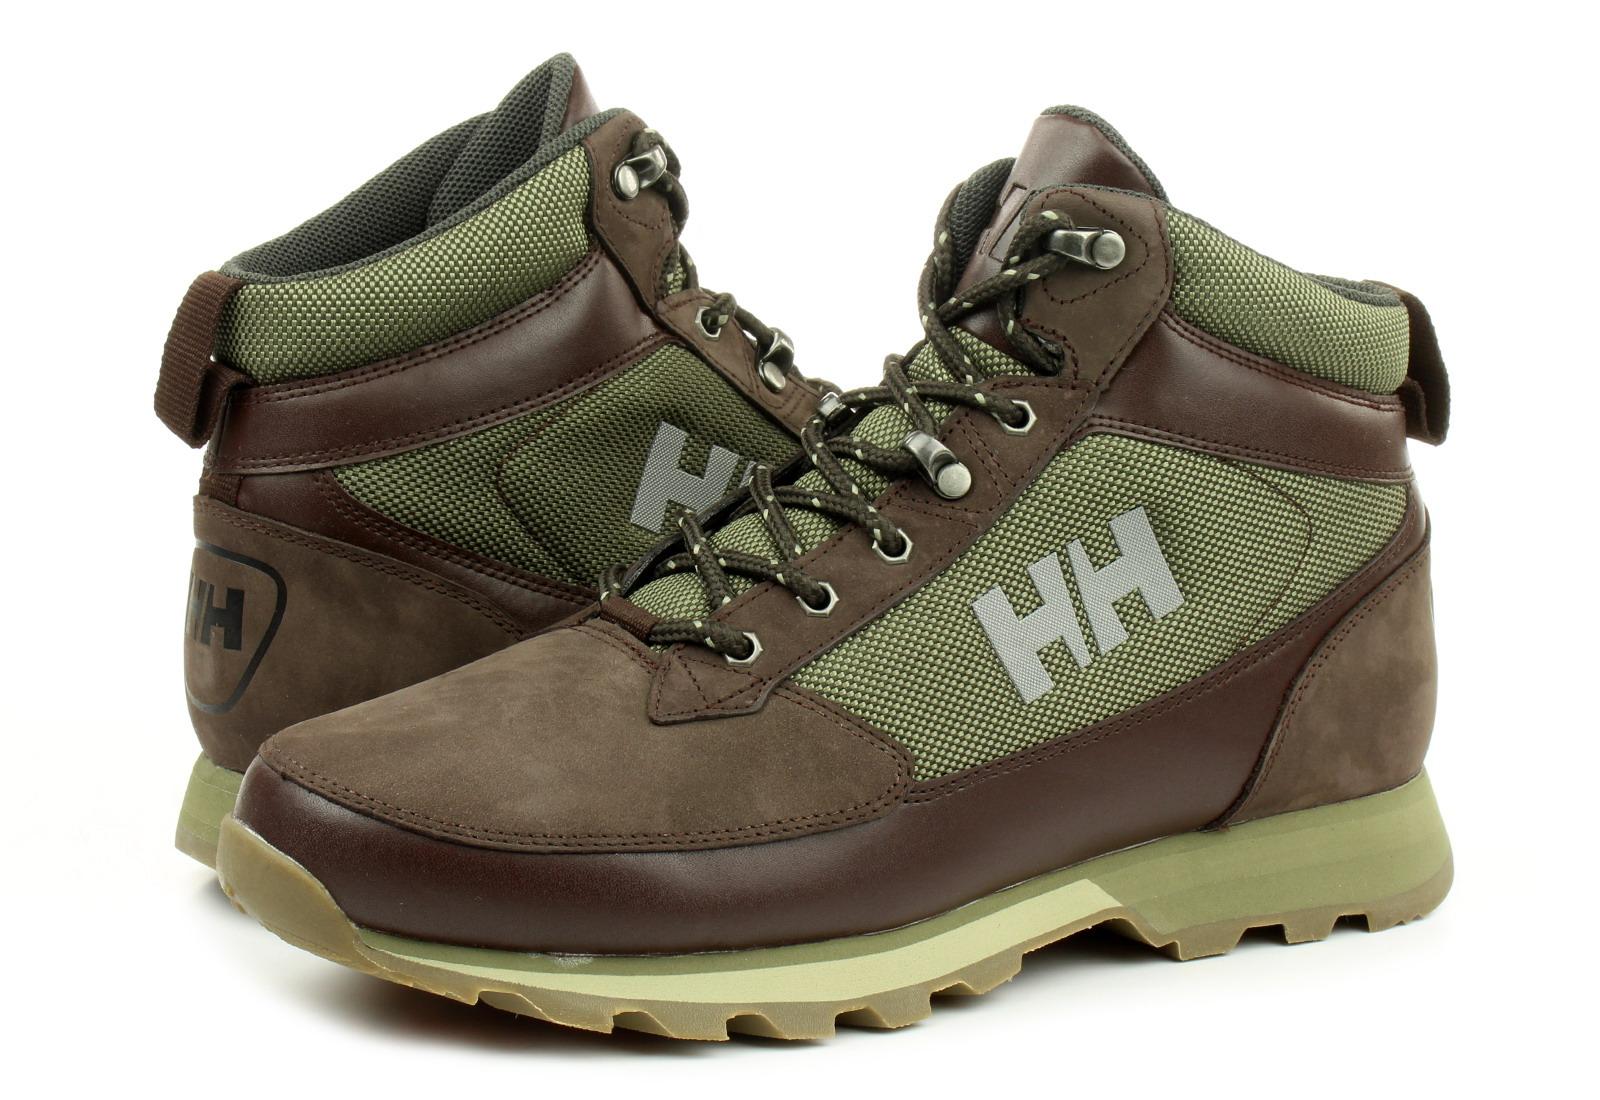 obuwie szybka dostawa oficjalna strona Helly Hansen Buty Zimowe - Chilcotin - 11427-710 - Obuwie i buty damskie,  męskie, dziecięce w Office Shoes